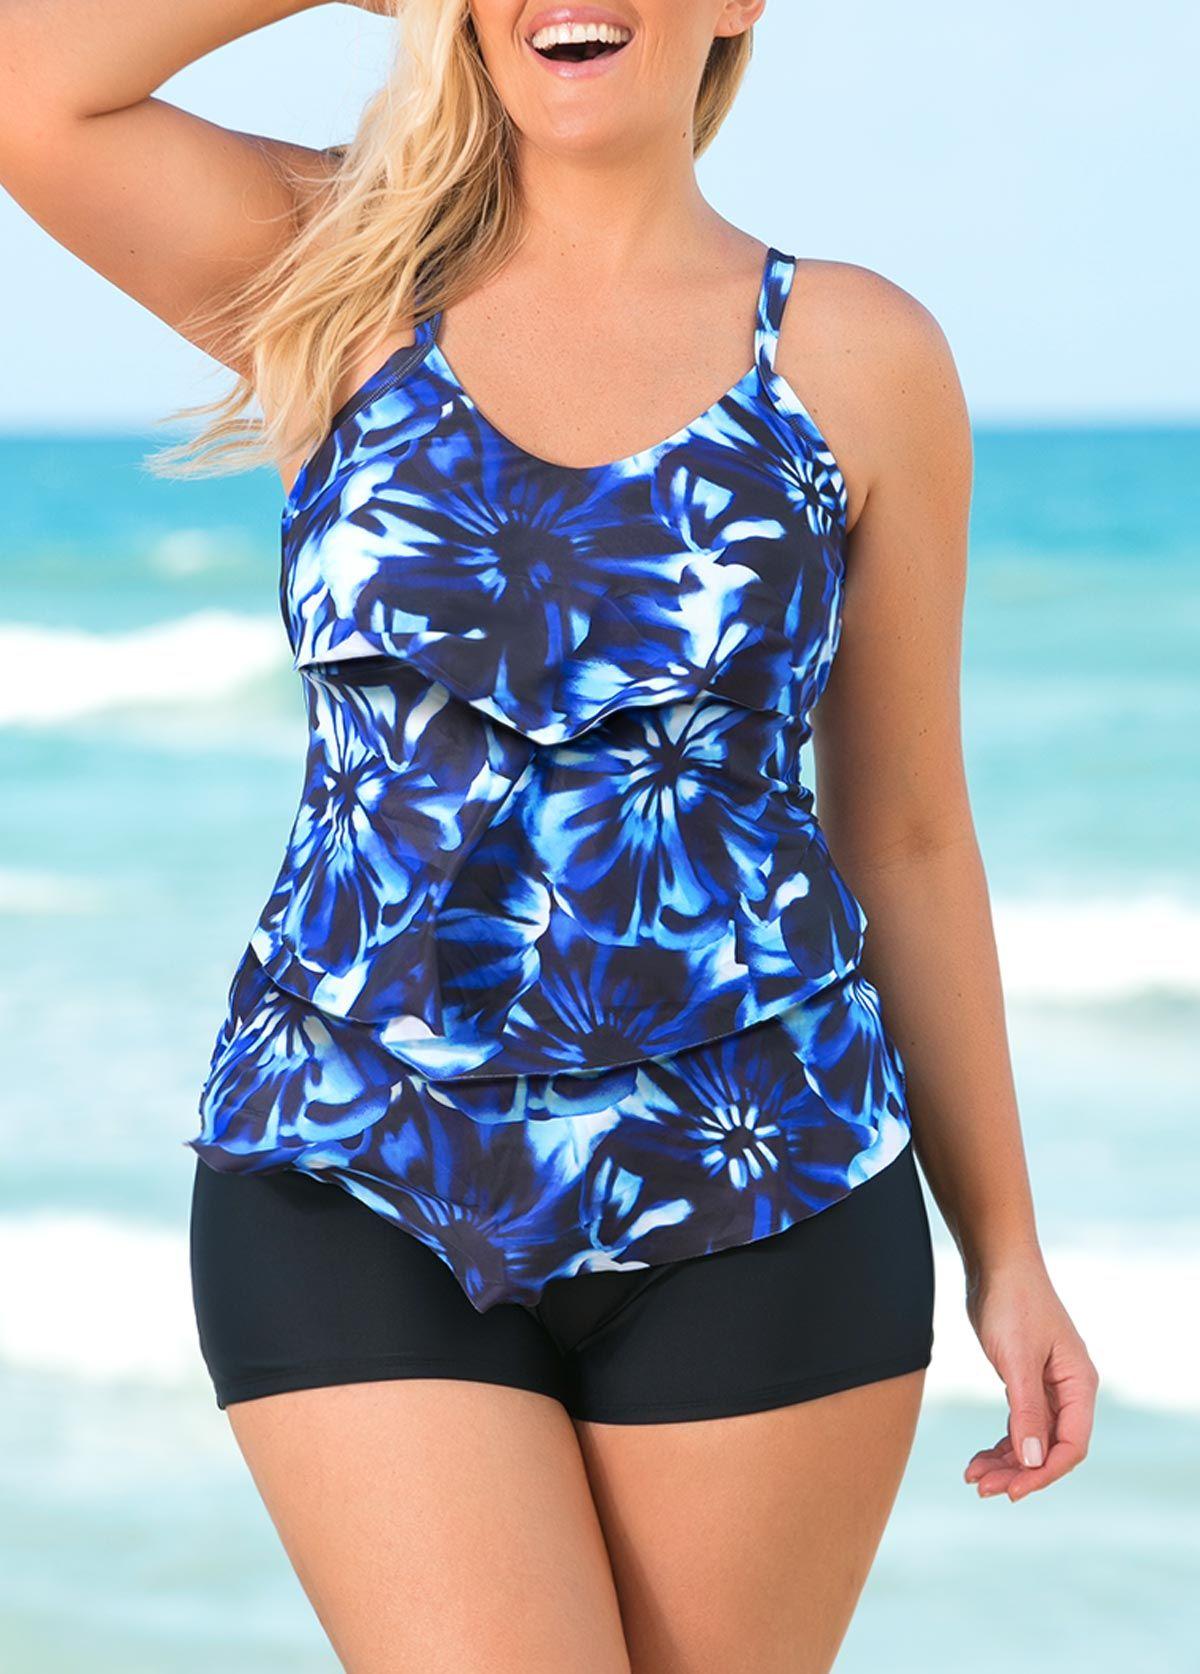 bc7f465d81d0e Plus Size Layered Printed Tankini Set | liligal.com - USD $29.32 #liligal # plussize #swimwear